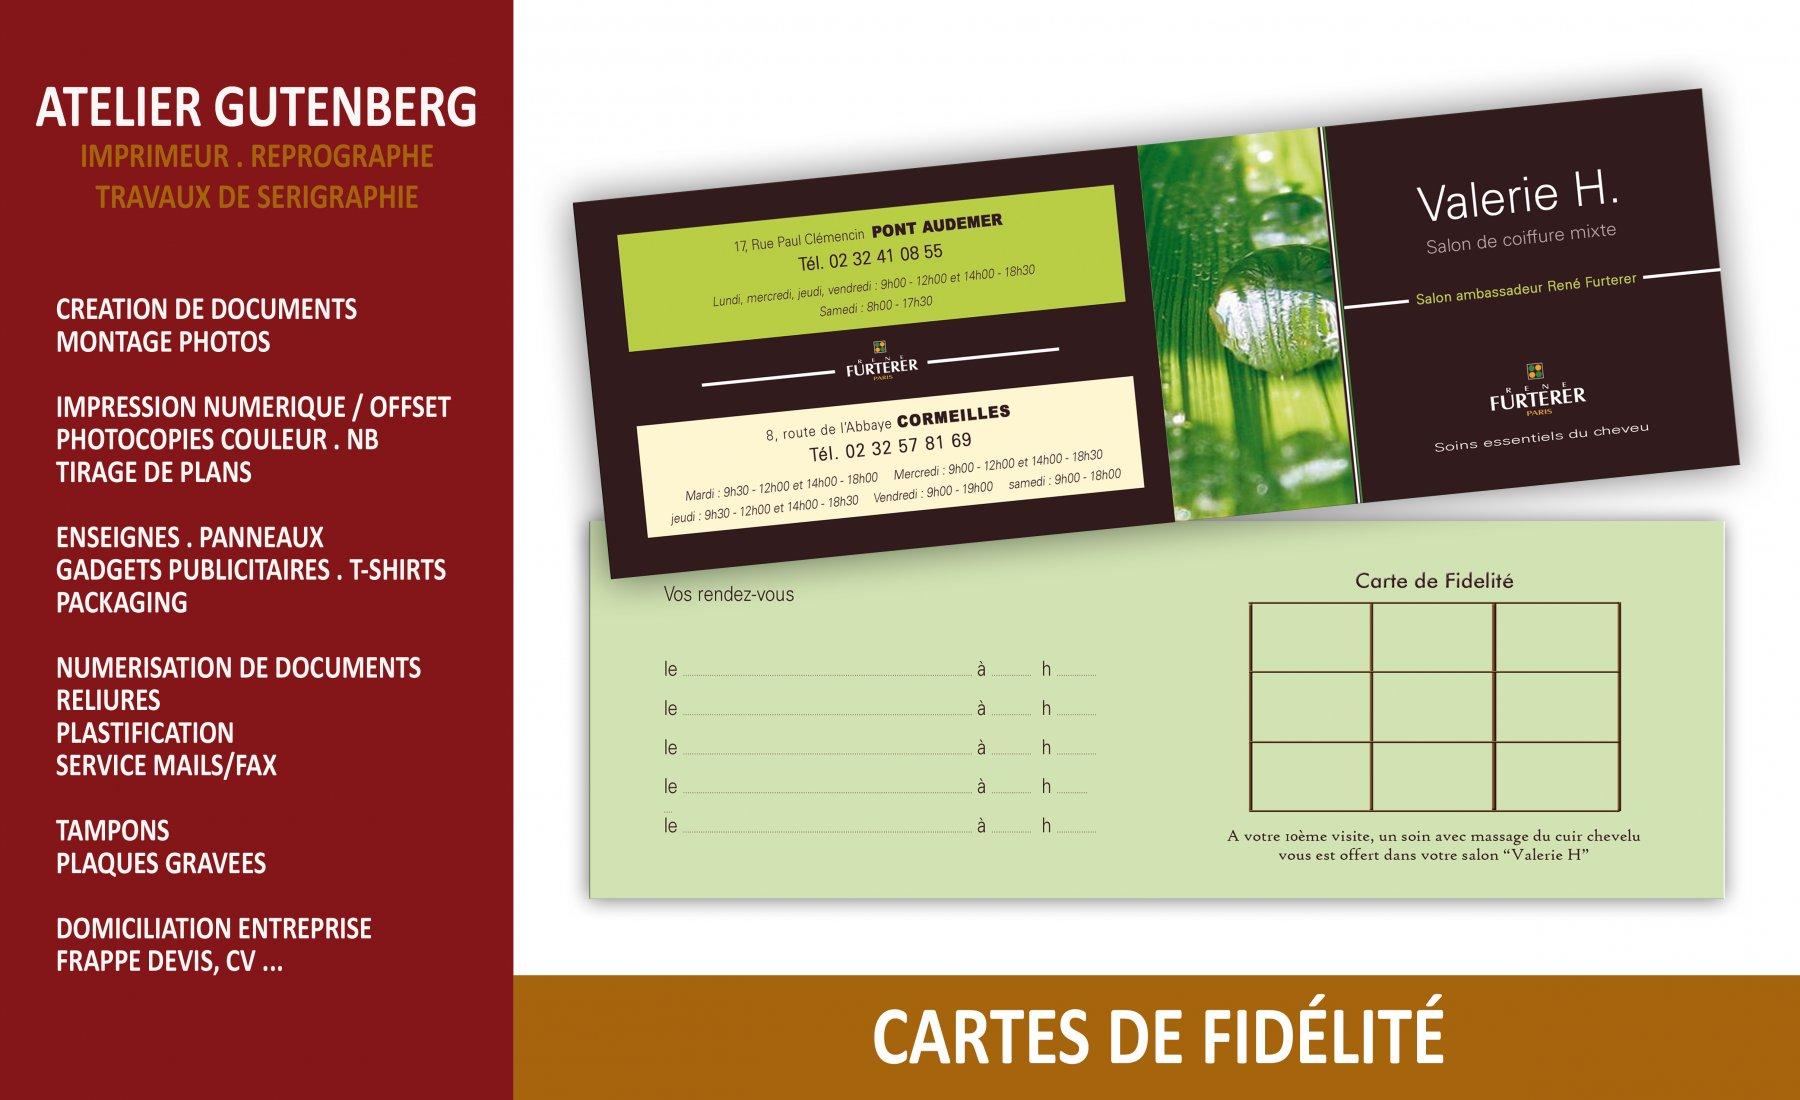 atelier gutenberg cartes de fidelité et de rendez vous impression quadri recto verso sur couché 350 gr avec pelliculage mat recto verso